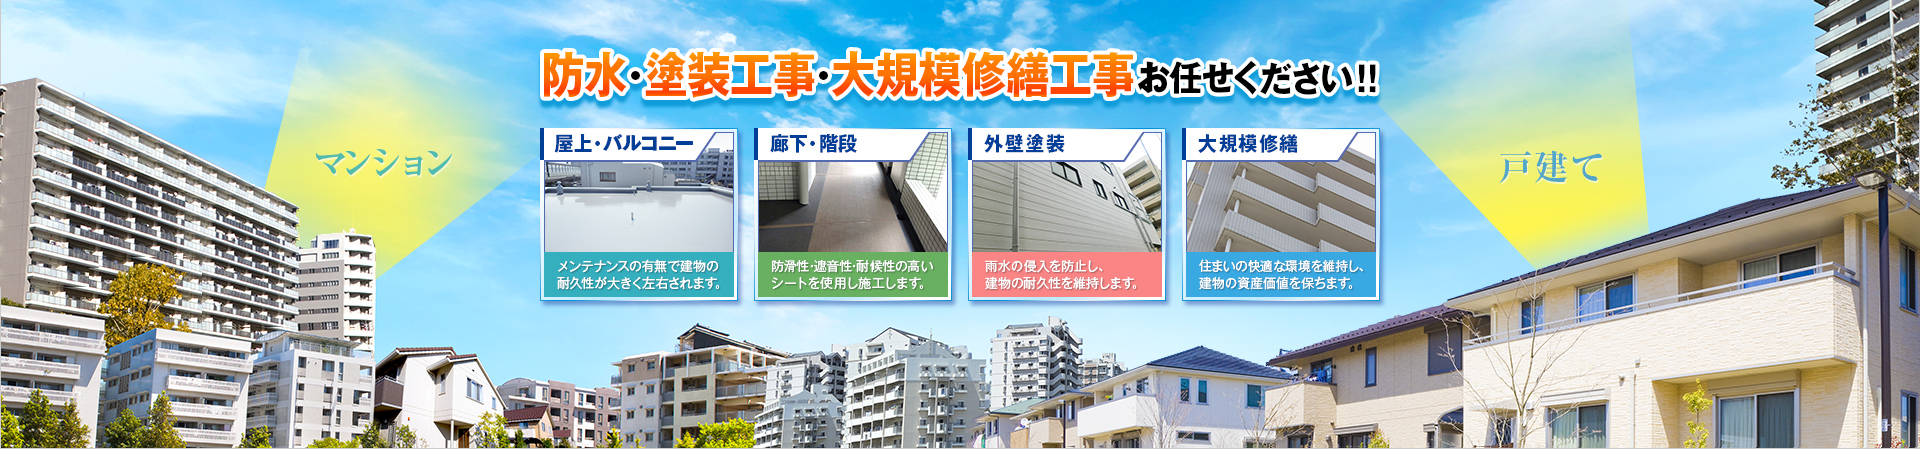 マンション、戸建ての防水・塗装工事・大規模修繕工事お任せください!!屋上バルコニー(メンテナンスの有無で建物の耐久性が大きく左右されます。)廊下・階段(防滑性・遮音性・耐候性の高いシートを使用し施工します。)外壁塗装(雨水の侵入を防止し、建物の耐久性を維持します。)大規模修繕(住まいの快適な環境を維持し、建物の資産価値を保ちます。)